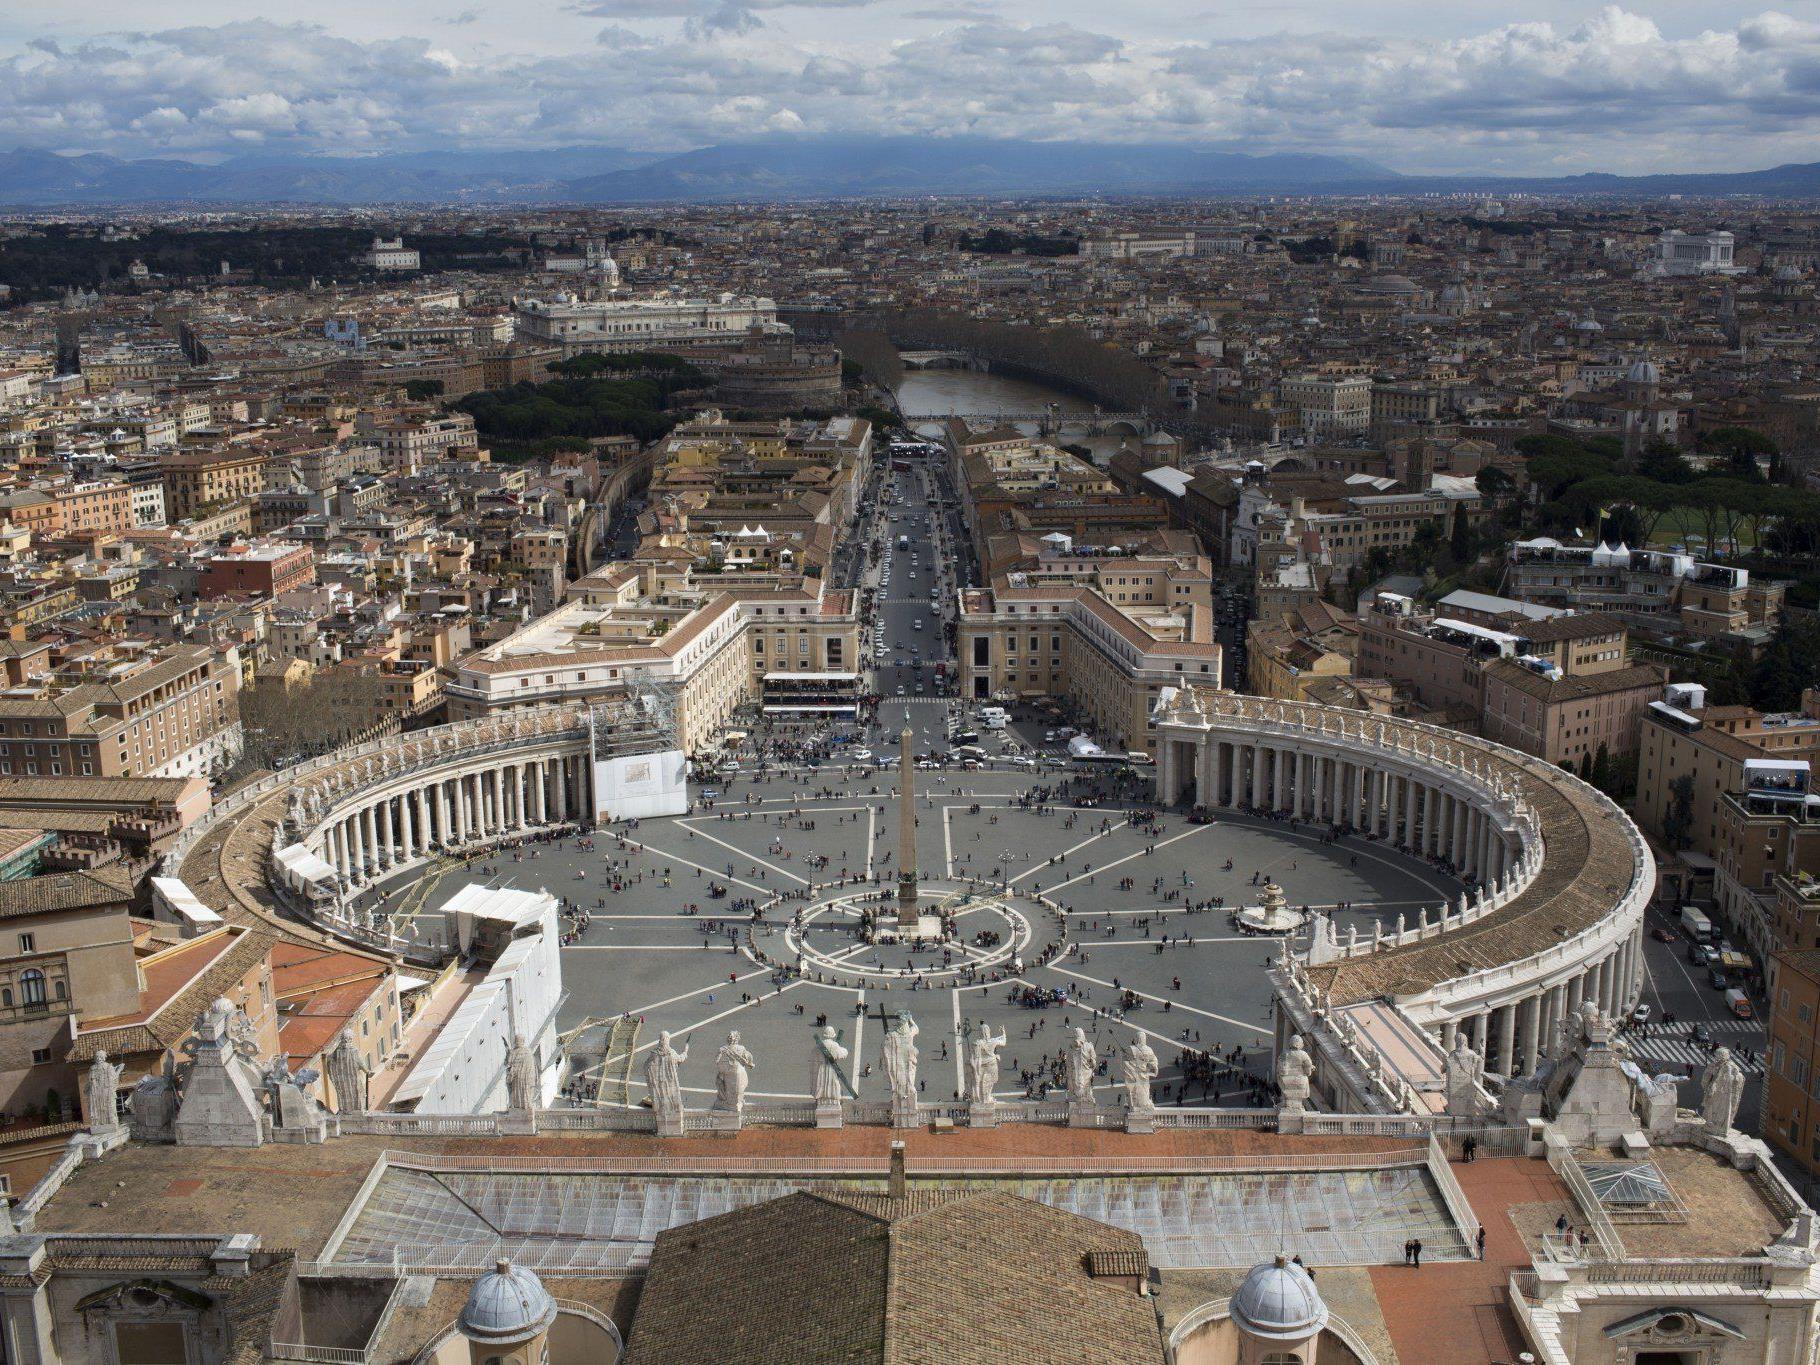 Die Ansichten von Franziskus sprechen eher für die Beibehaltung der bisherigen Kirchen-Haltung.